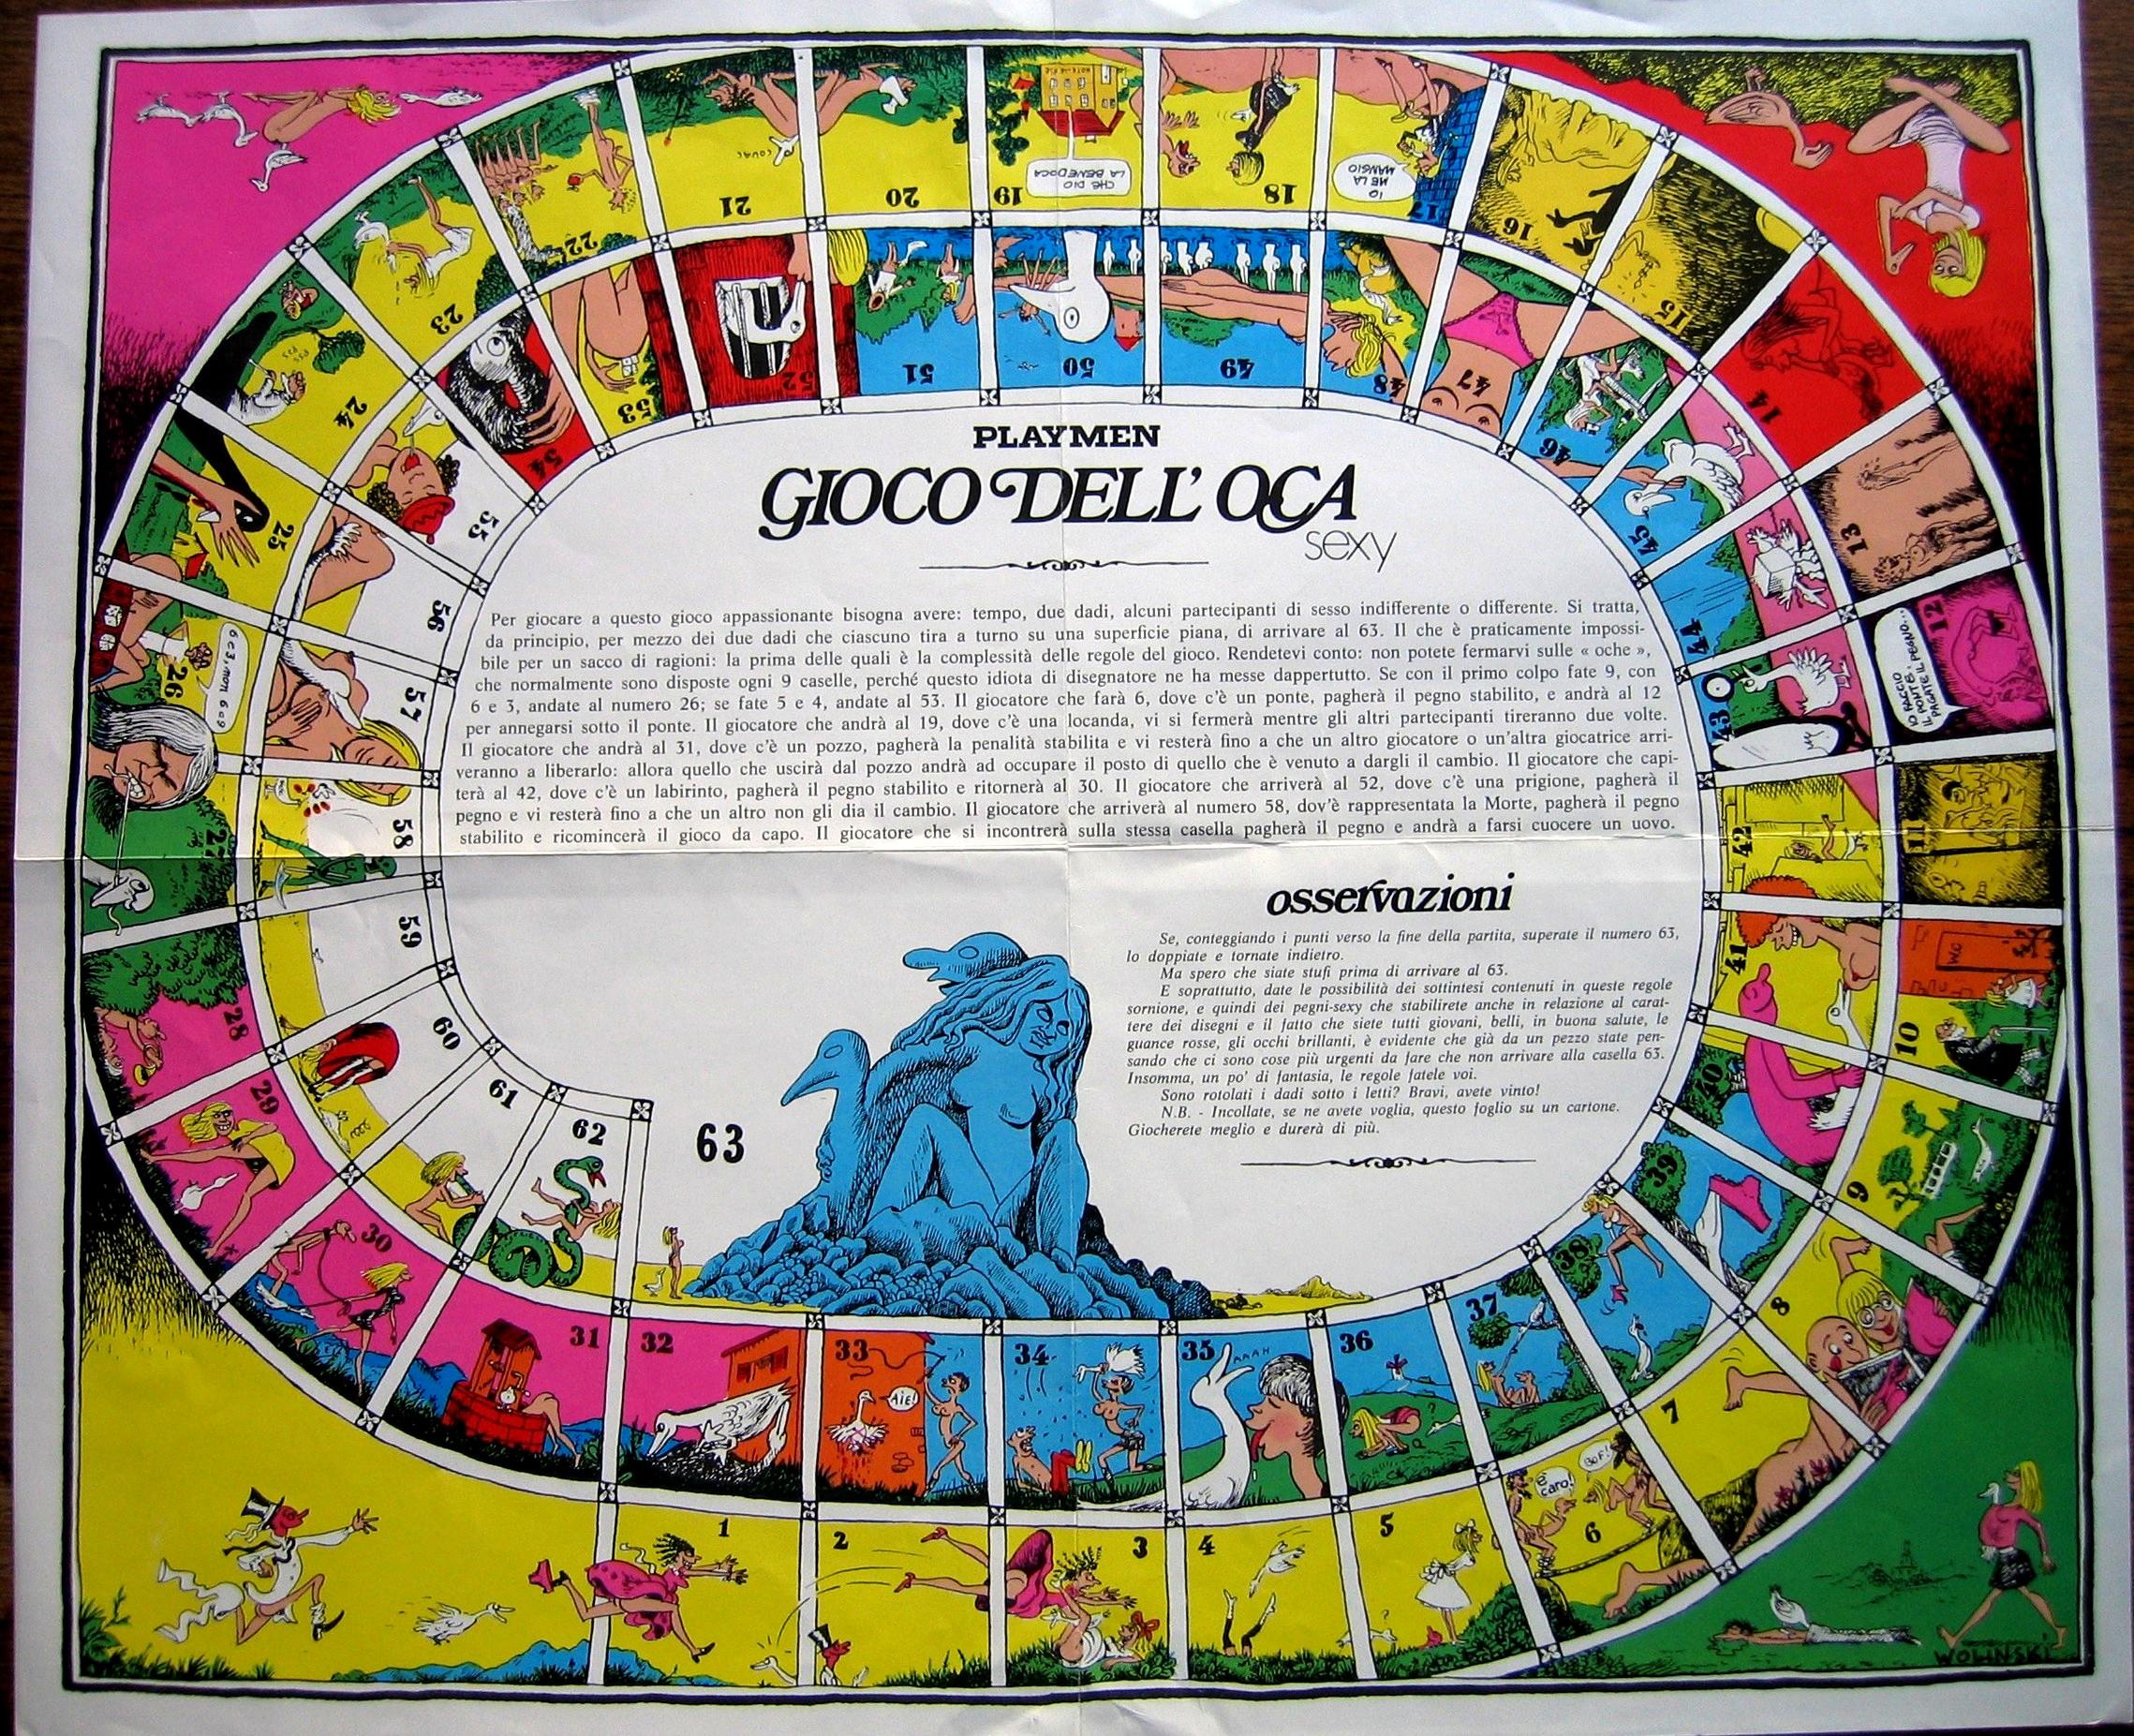 Il gioco dell 39 oca la pi grande collezione di giochi dell 39 oca for Gioco dell oca alcolico da stampare